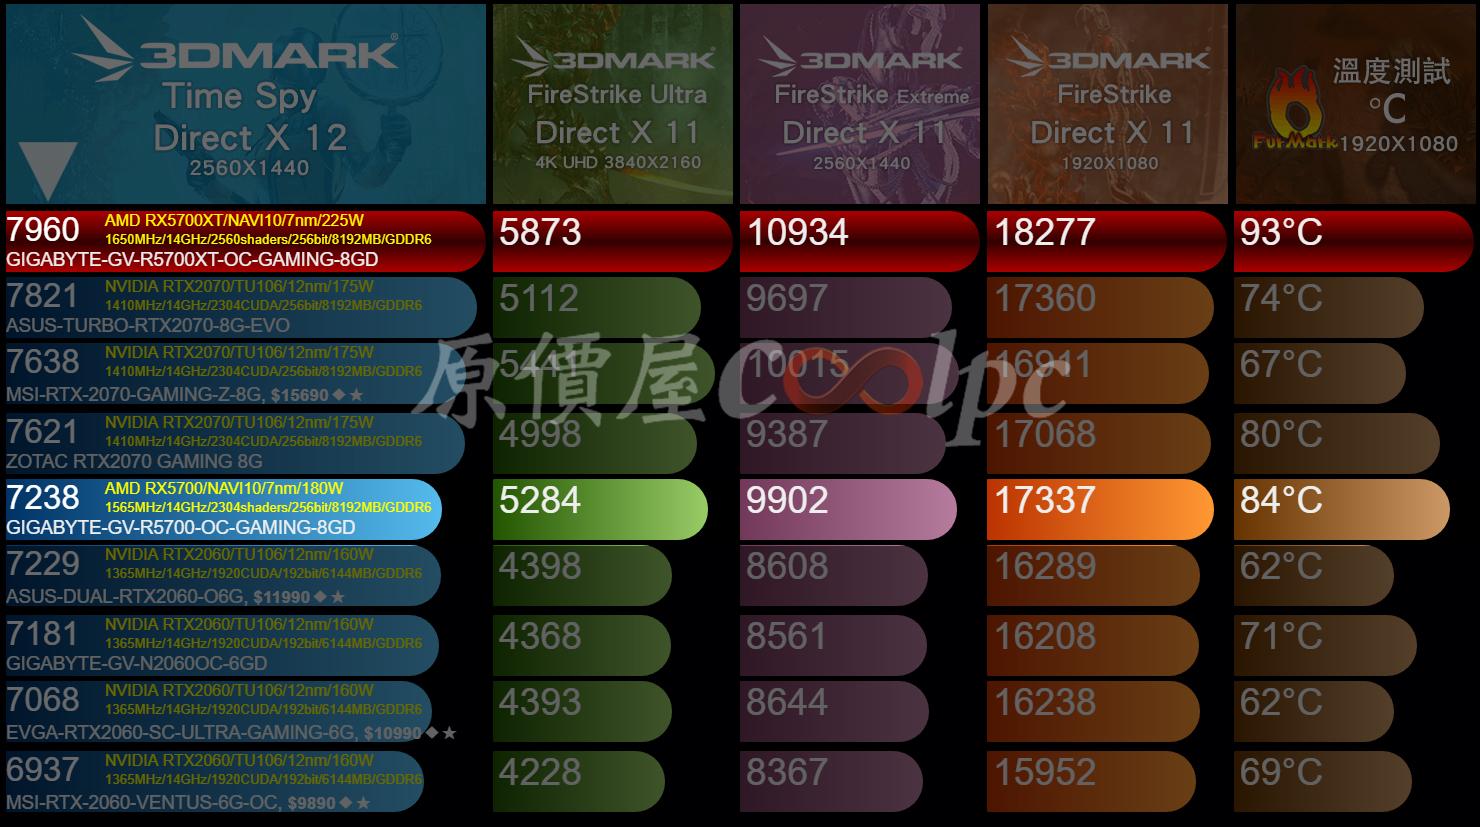 https://home.coolpc.com.tw/da/open/gigabyte/rx5700-5700xt/coolpc-gigabyte-rx5700-5700xt-39.jpg